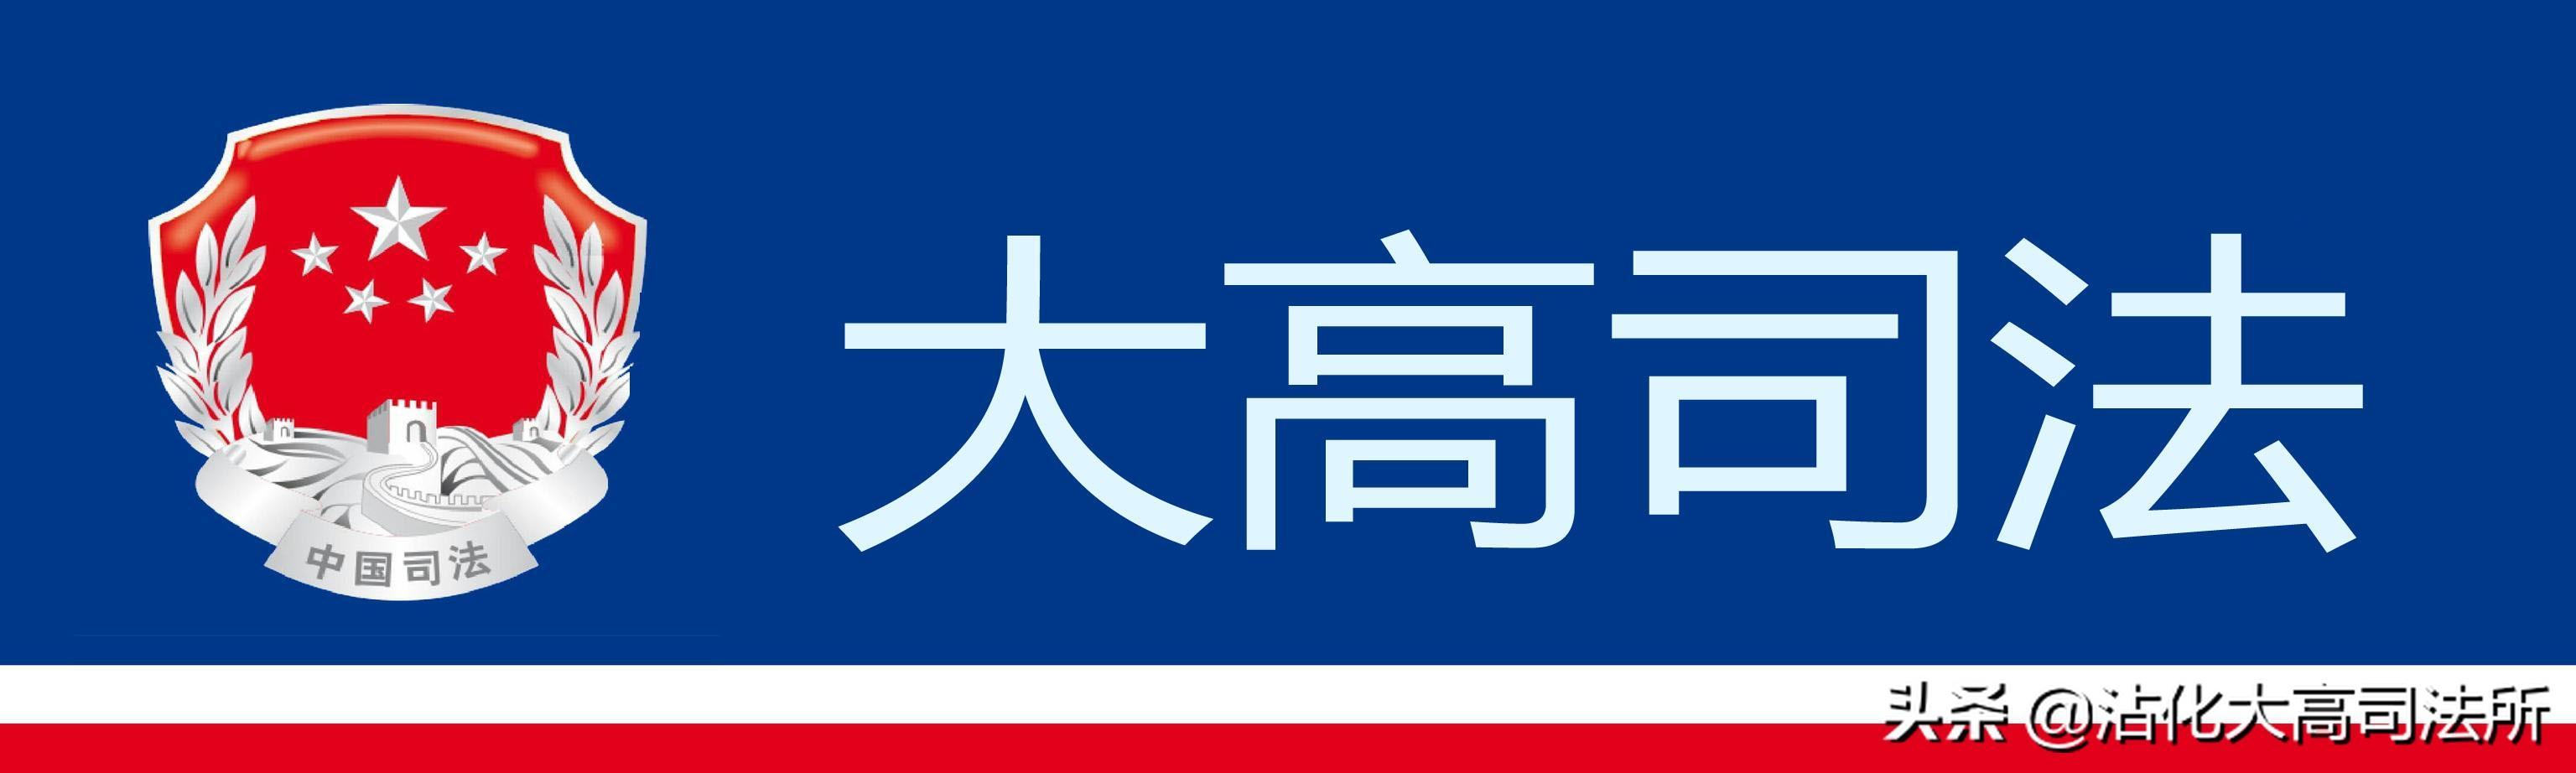 李总理:普遍非法融资个人行为的三种游戏玩法